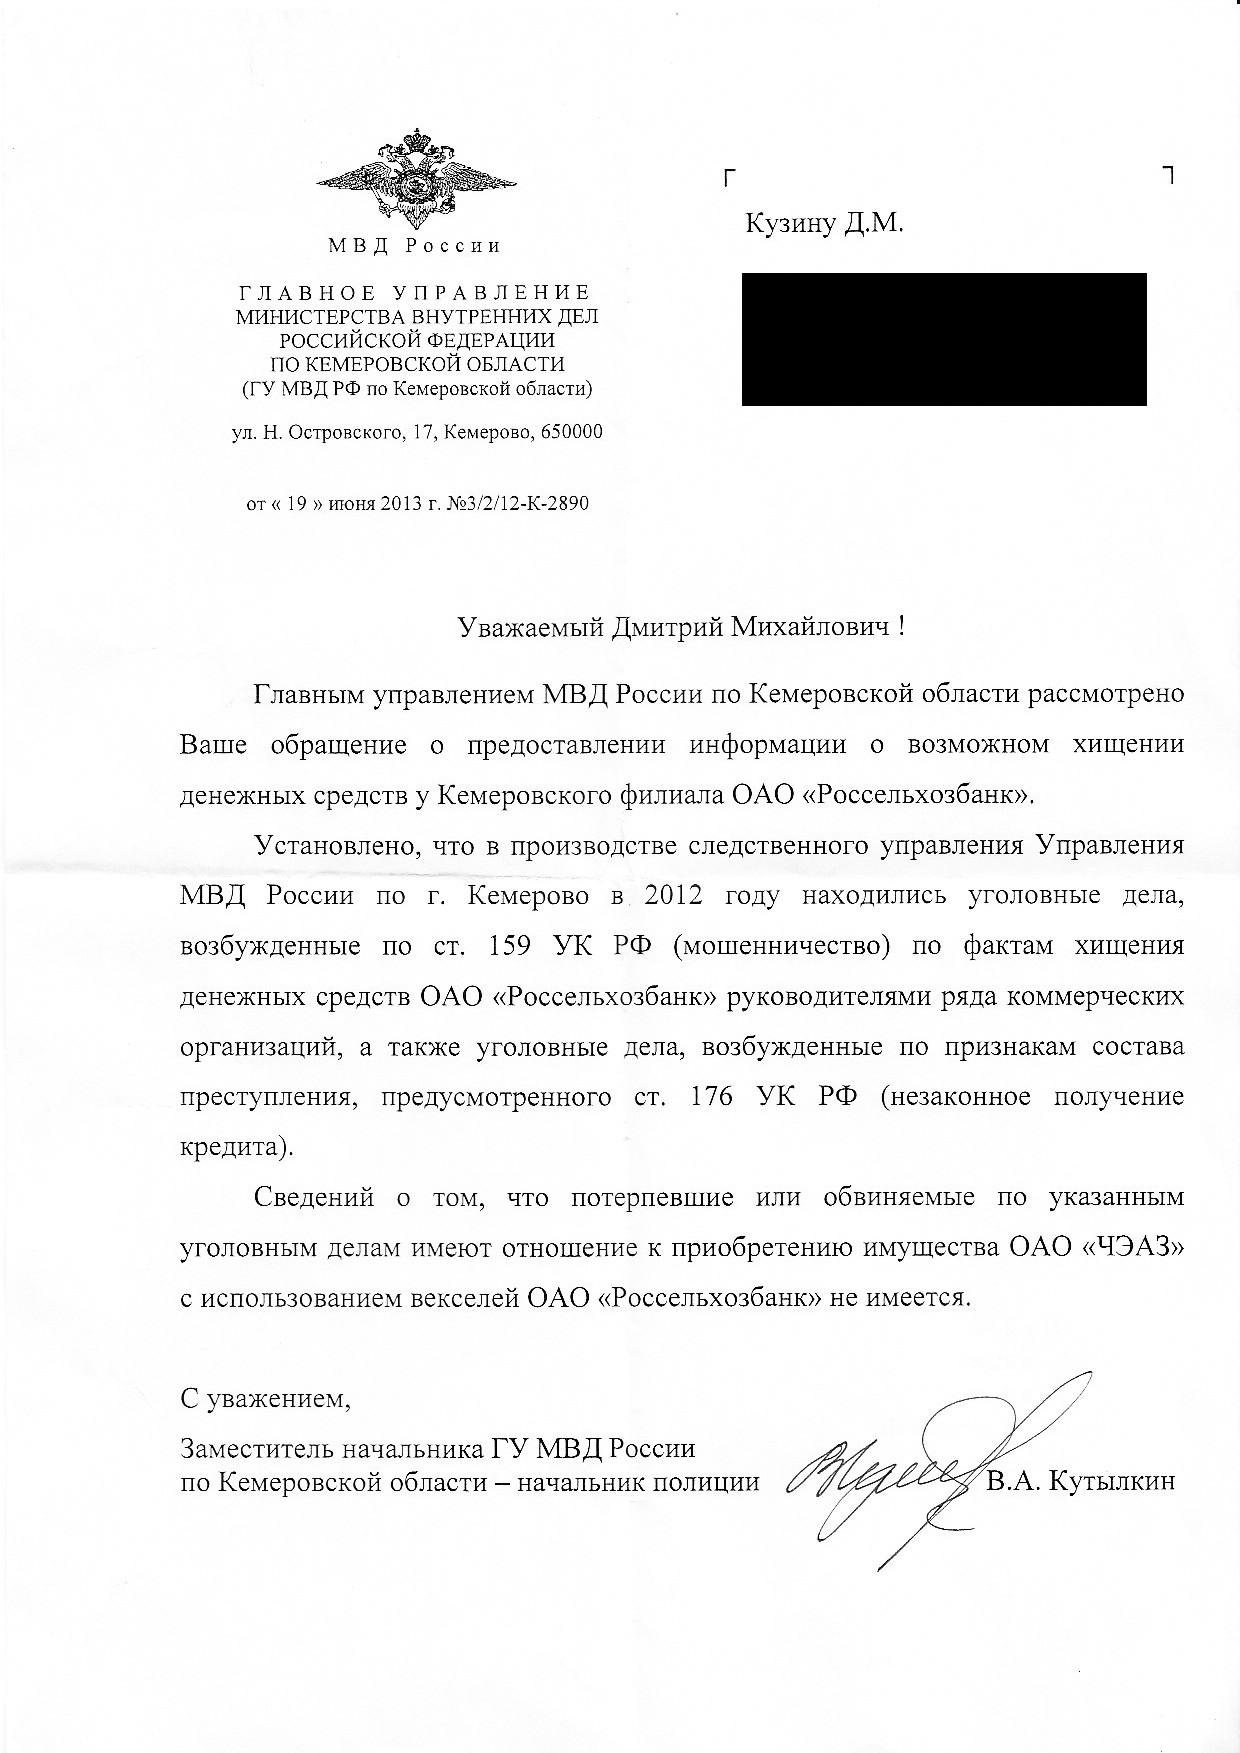 Письмо В А Кутылкина от 19 июня 2013 года